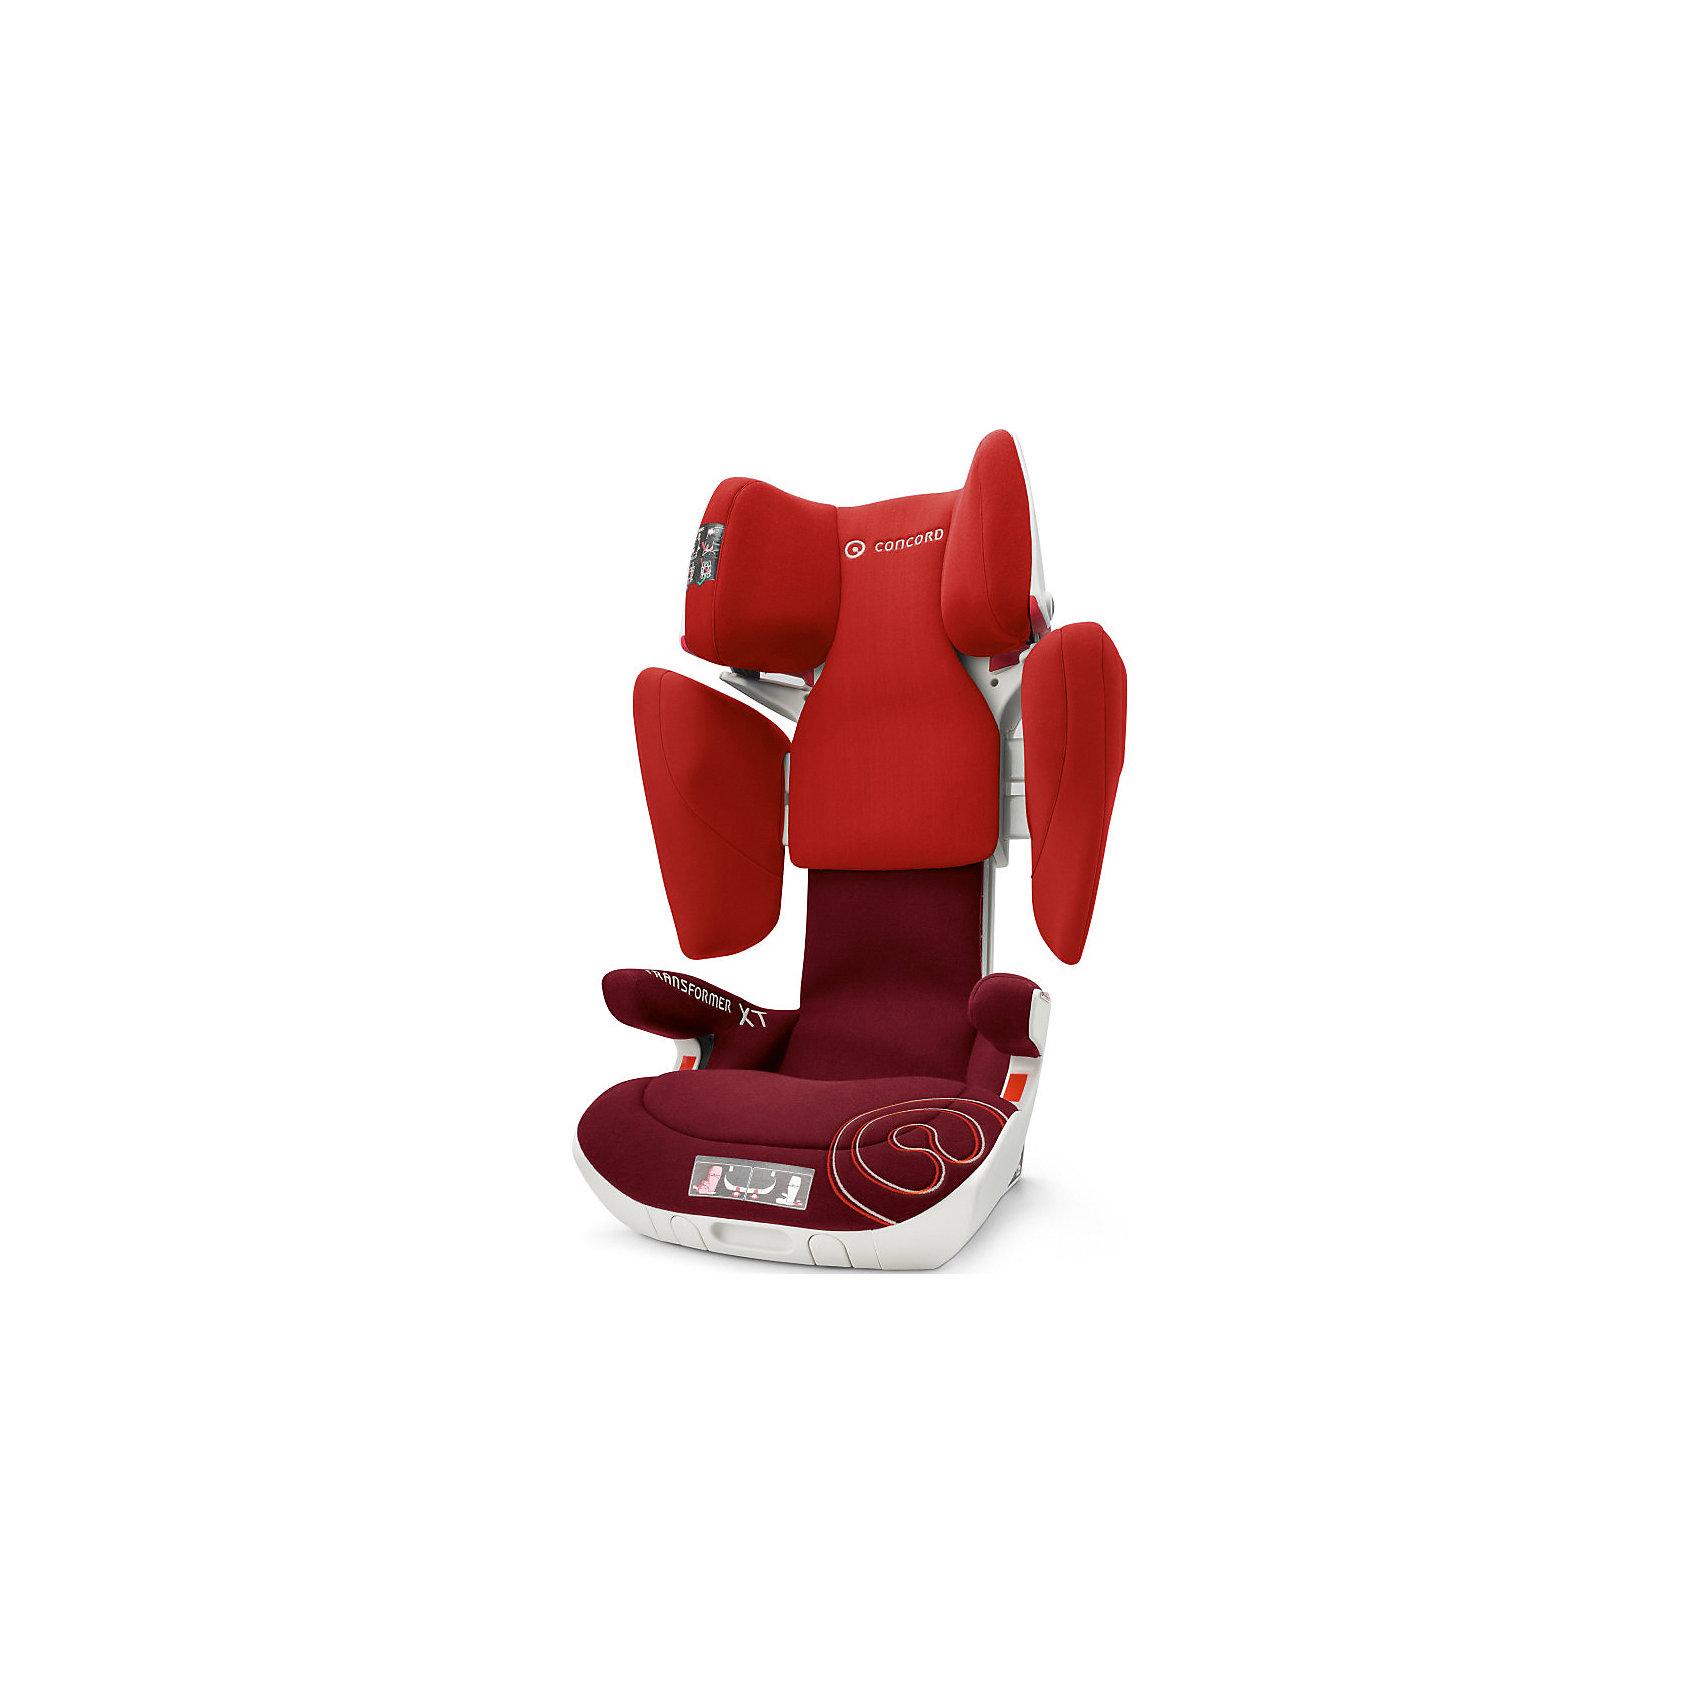 Автокресло Concord Transformer XT, 15-36 кг, Tomato Red 2016